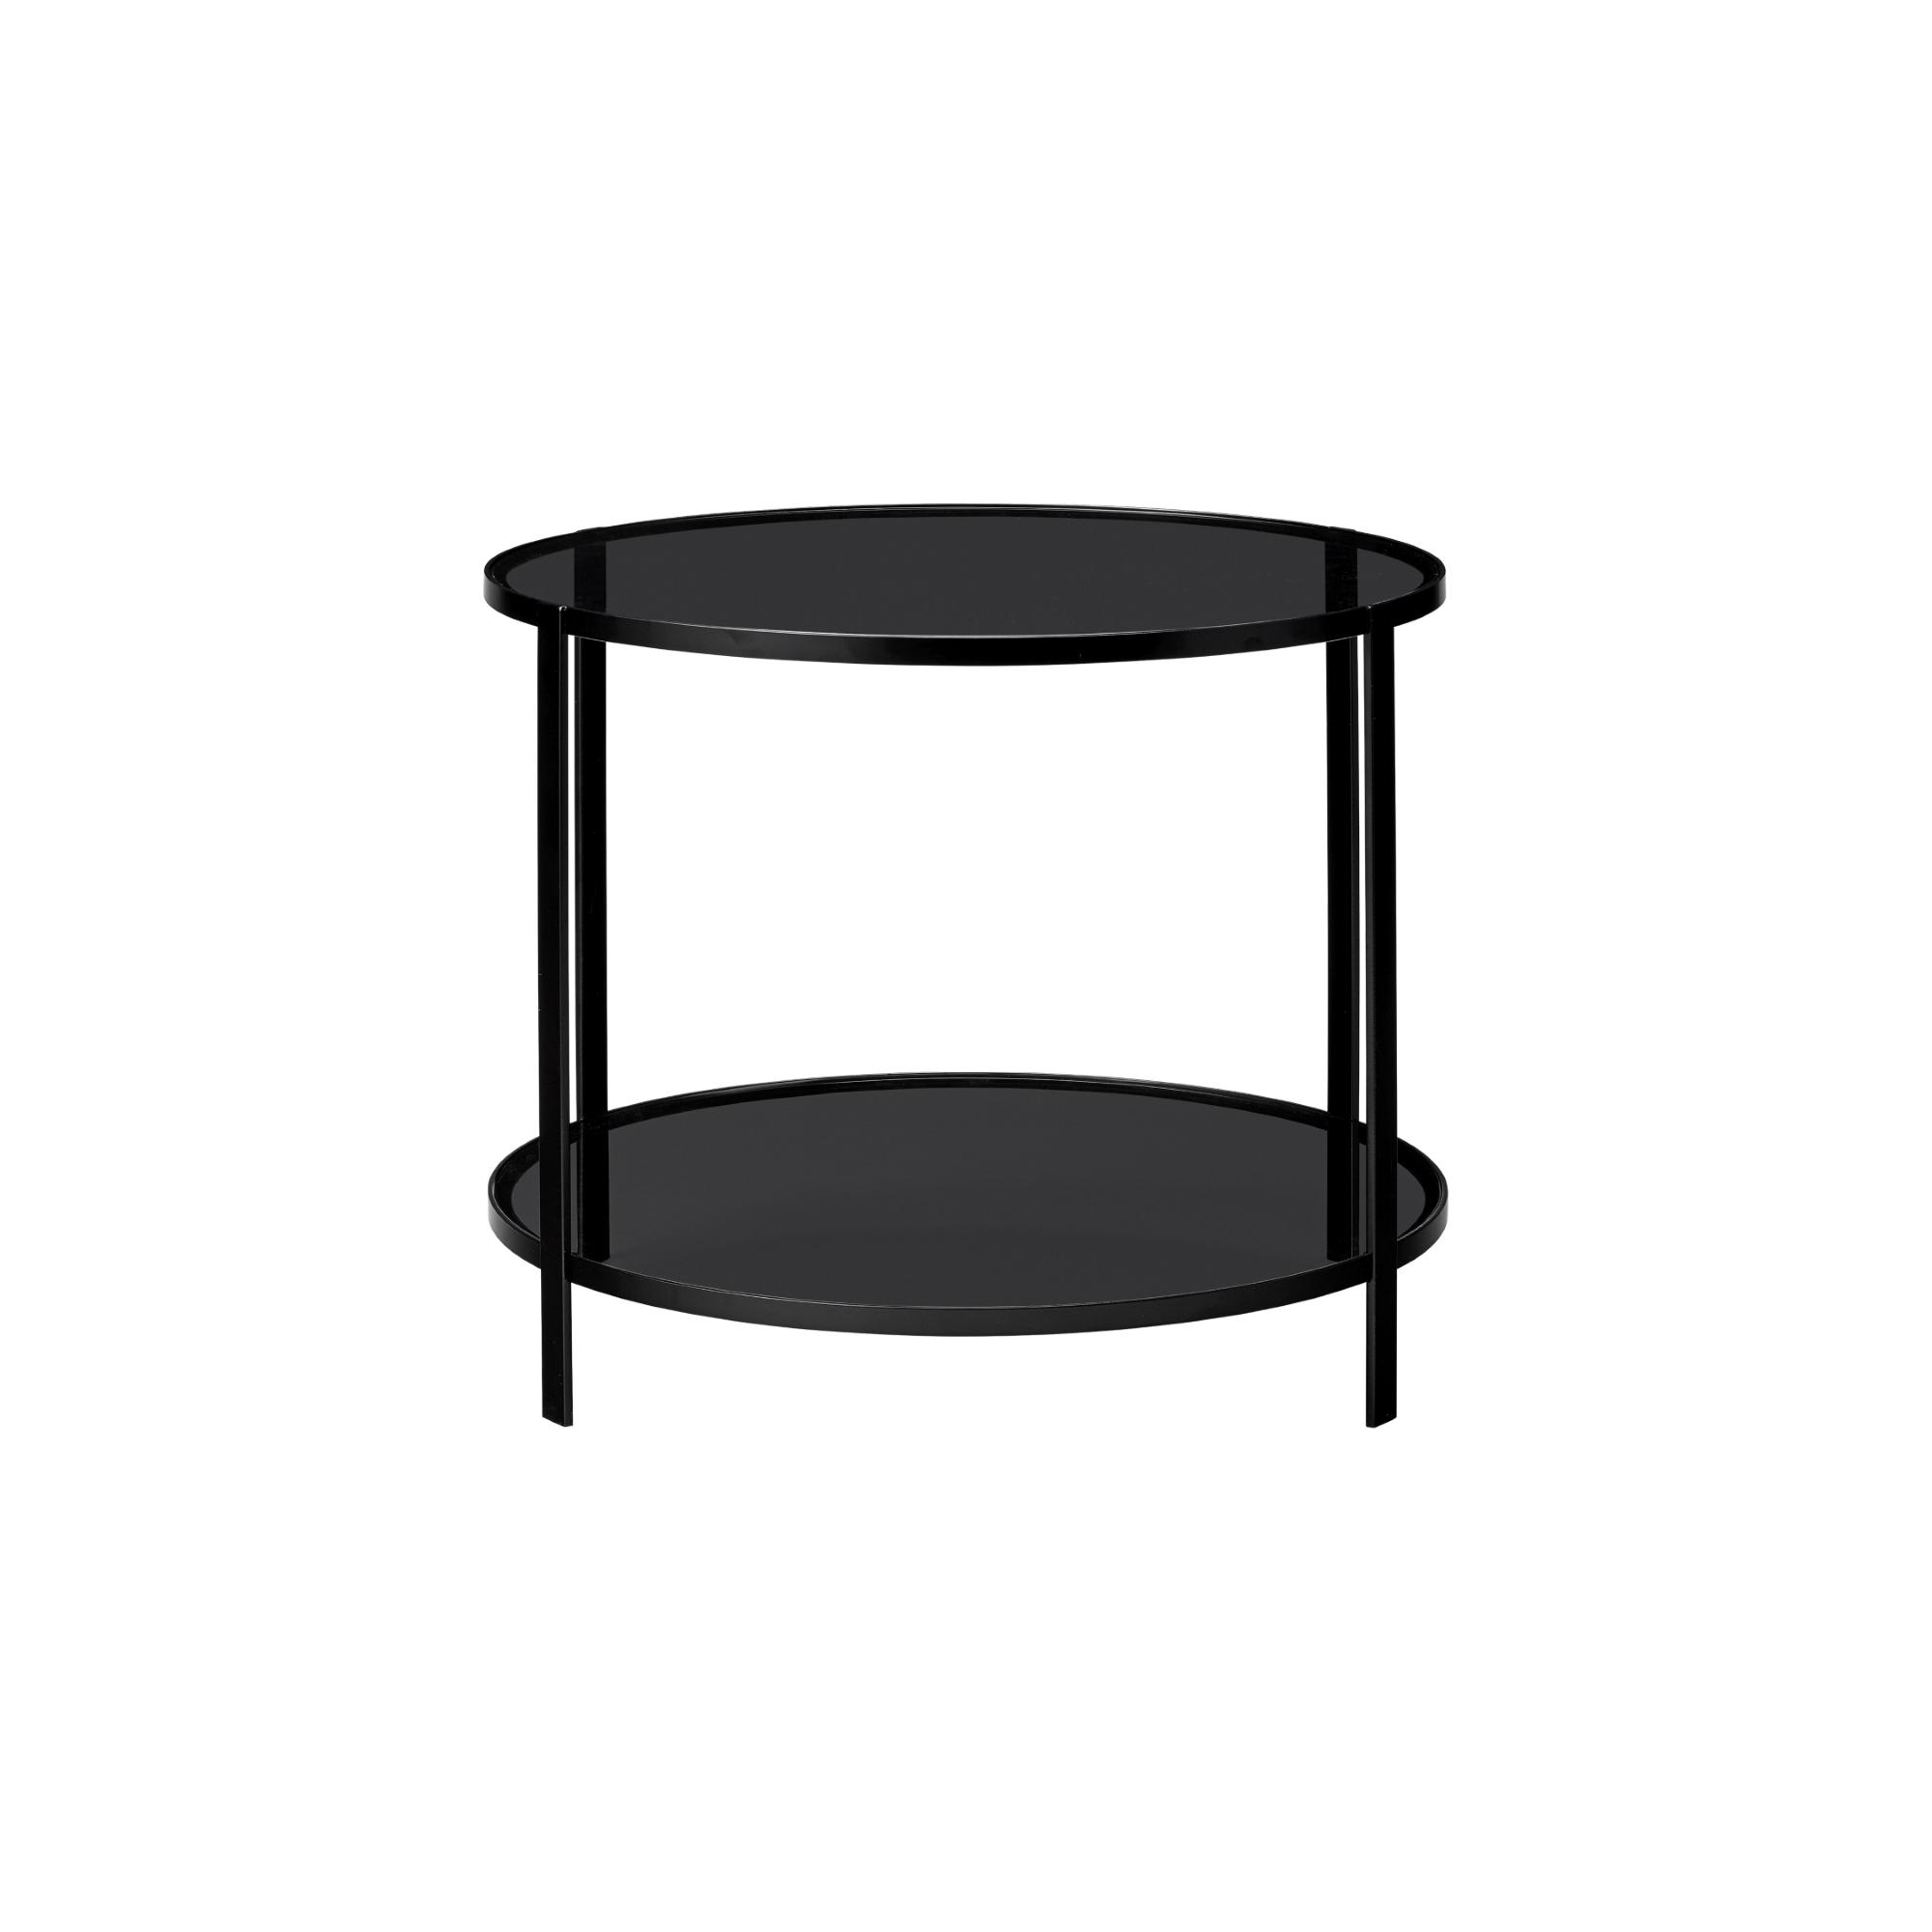 Runt bord FUMI table svart, AYTM